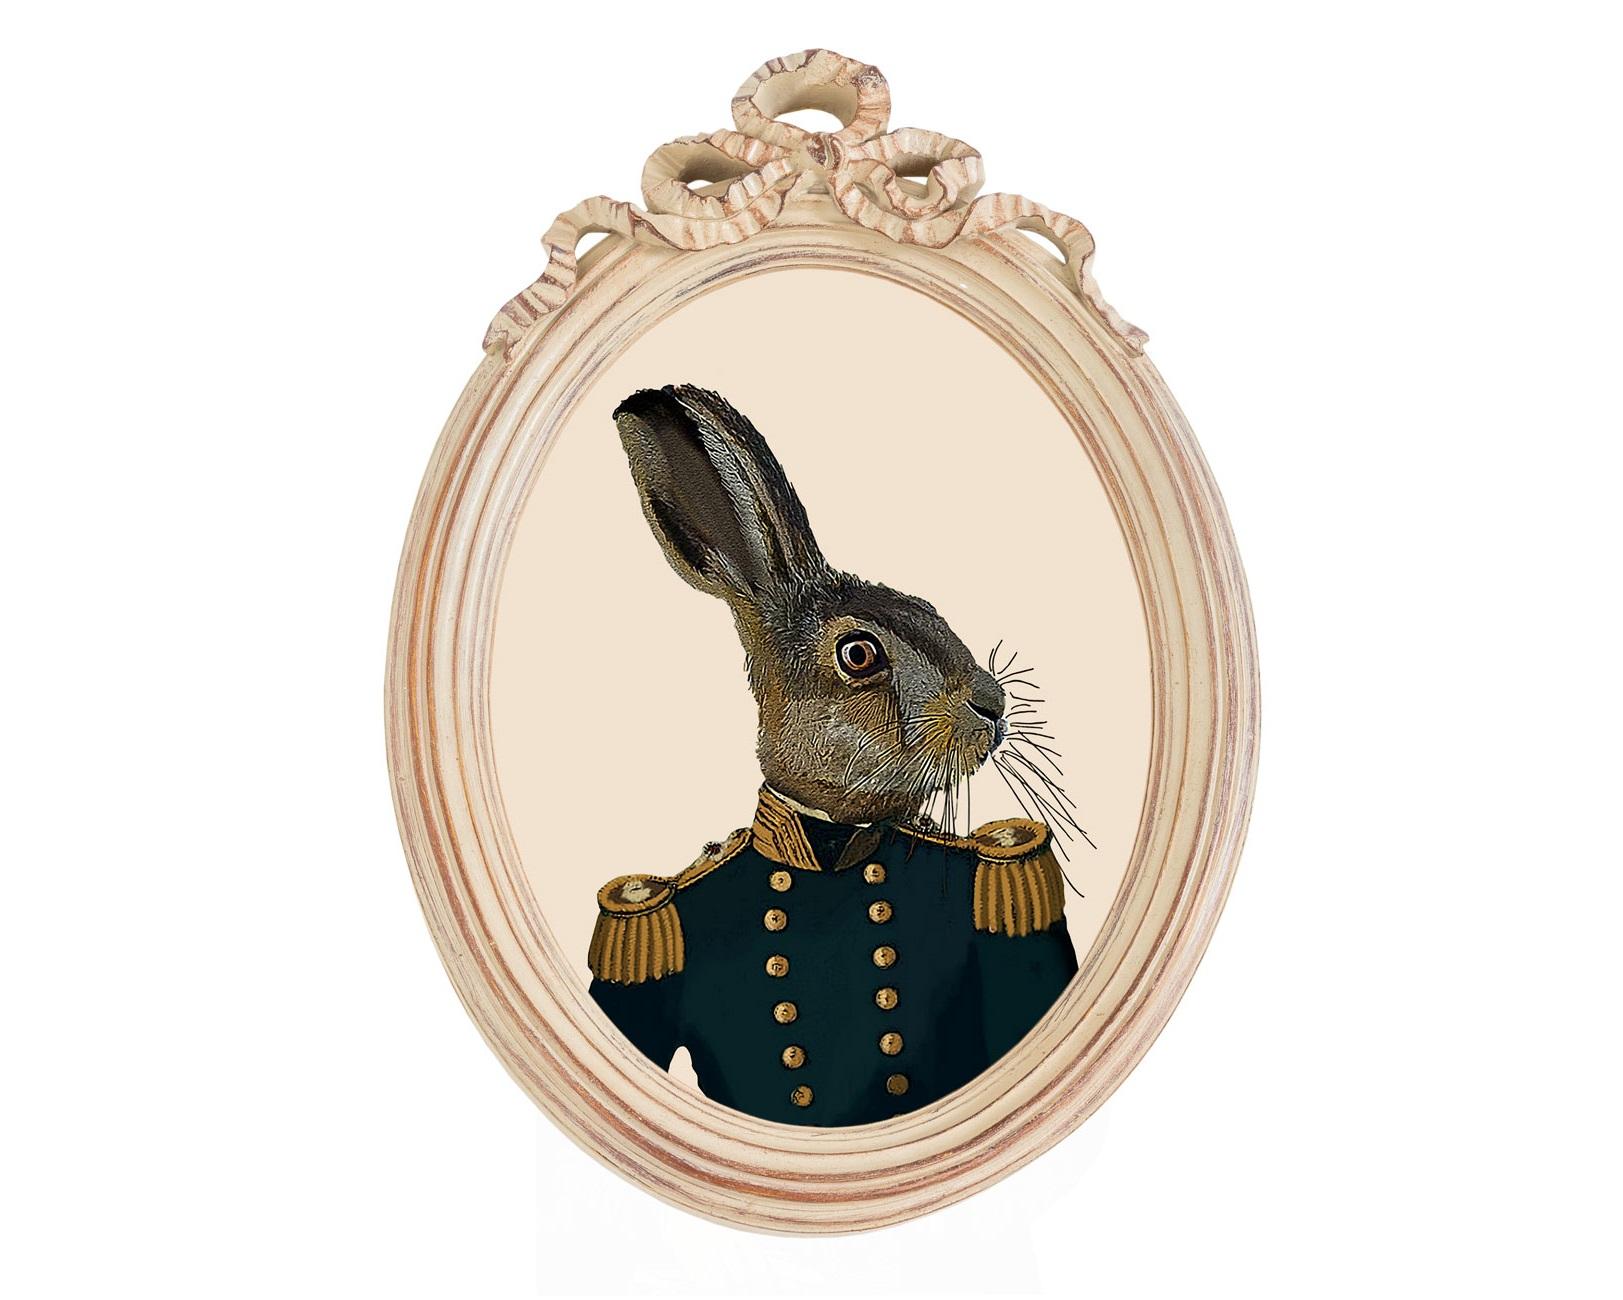 Репродукция гравюры «Мистер Заяц» в раме «Бернадетт»Картины<br>Возможно, Кролик из «Алисы в стране чудес» выглядел именно так. Тем забавнее заячья мордашка выглядит в парадном военном мундире с золочеными пуговицами и эполетами. Изображение в технике гравюры отпечатано на холсте и обрамлено в винтажный багет-медальон «Бернадетт». Такое украшение подойдет практически для любой комнаты: гостиной, столовой, кабинета и, конечно, детской, оформленных в стиле прованс, классика, французский шик и даже эксцентричный поп-арт.<br><br>Material: Полистоун<br>Width см: 30,5<br>Depth см: 4,3<br>Height см: 43